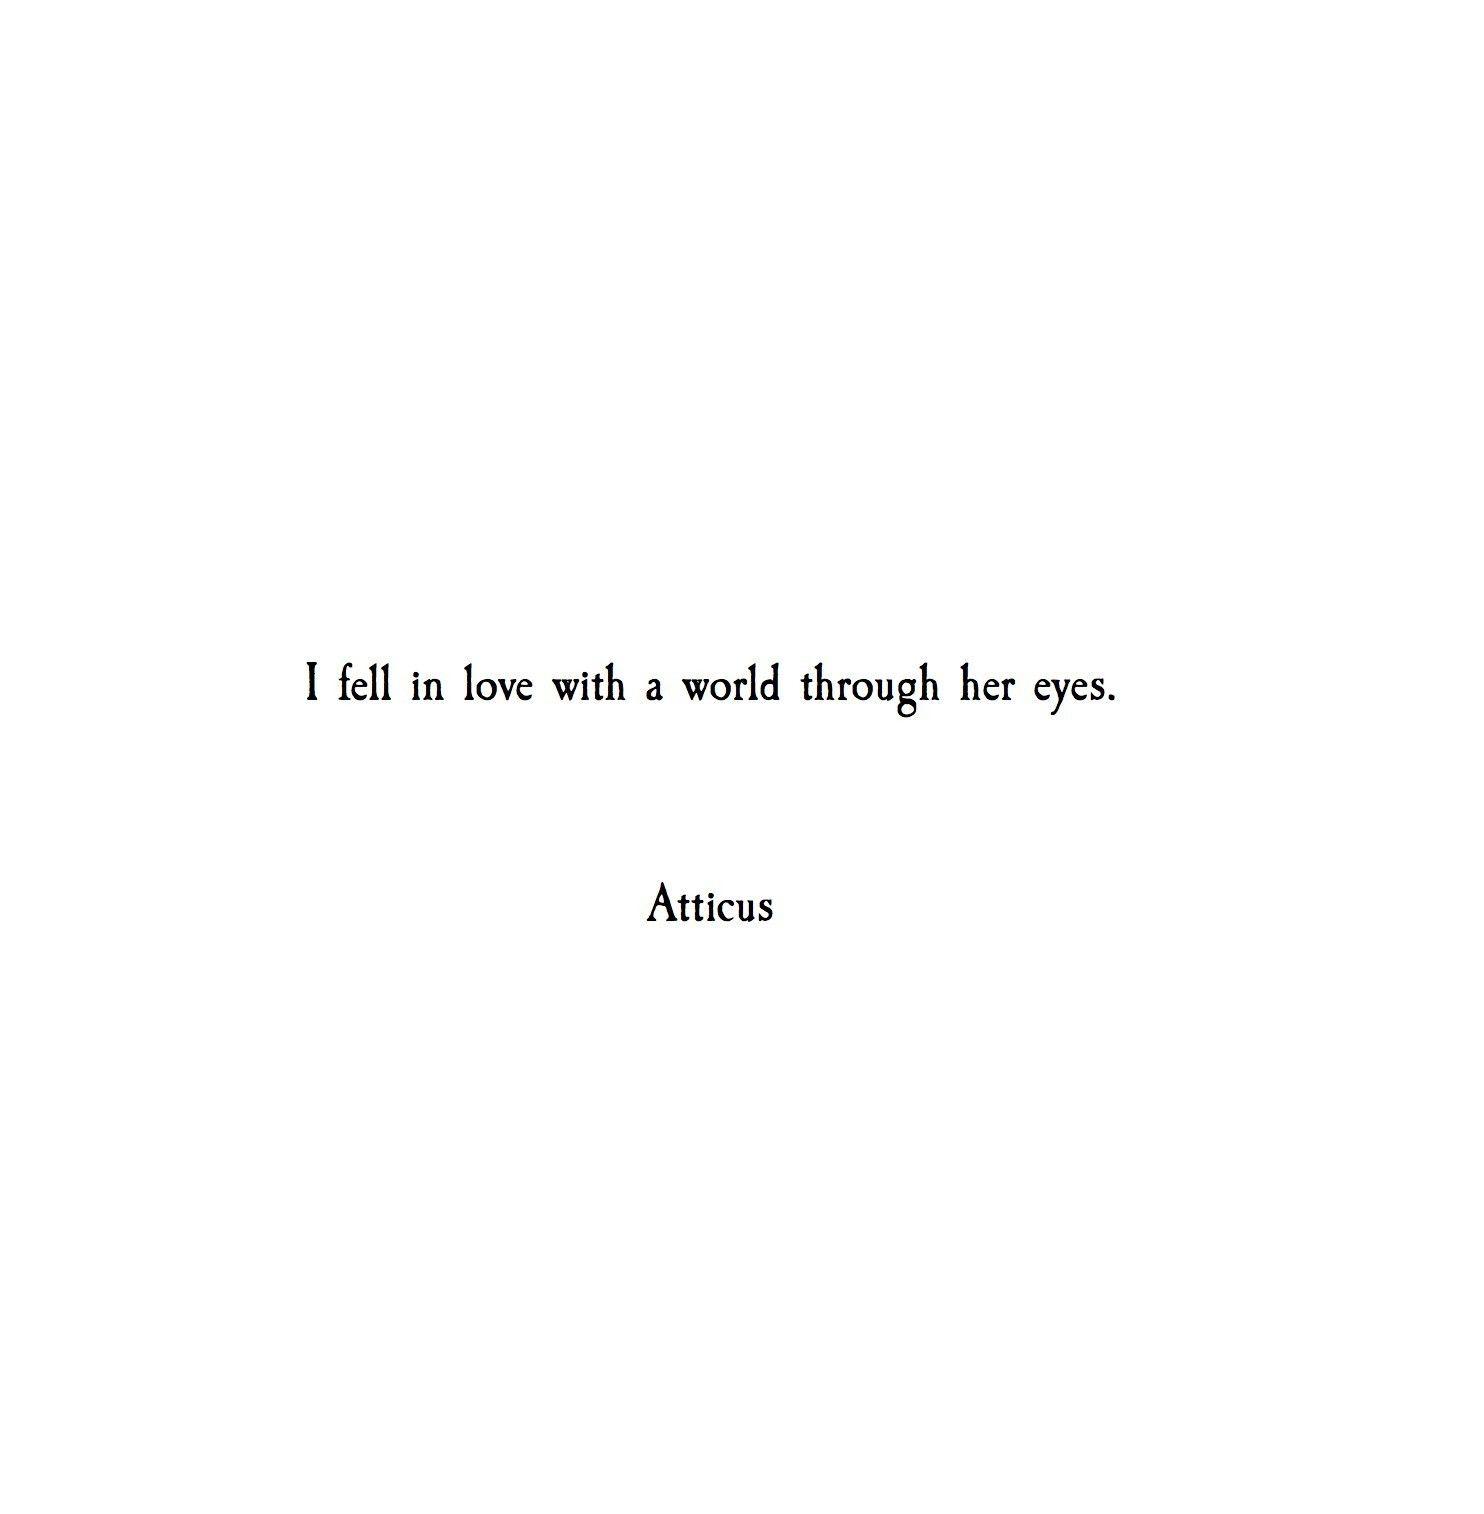 Atticuspoetry Atticuspoetry Quotes Poetry Short Quotes